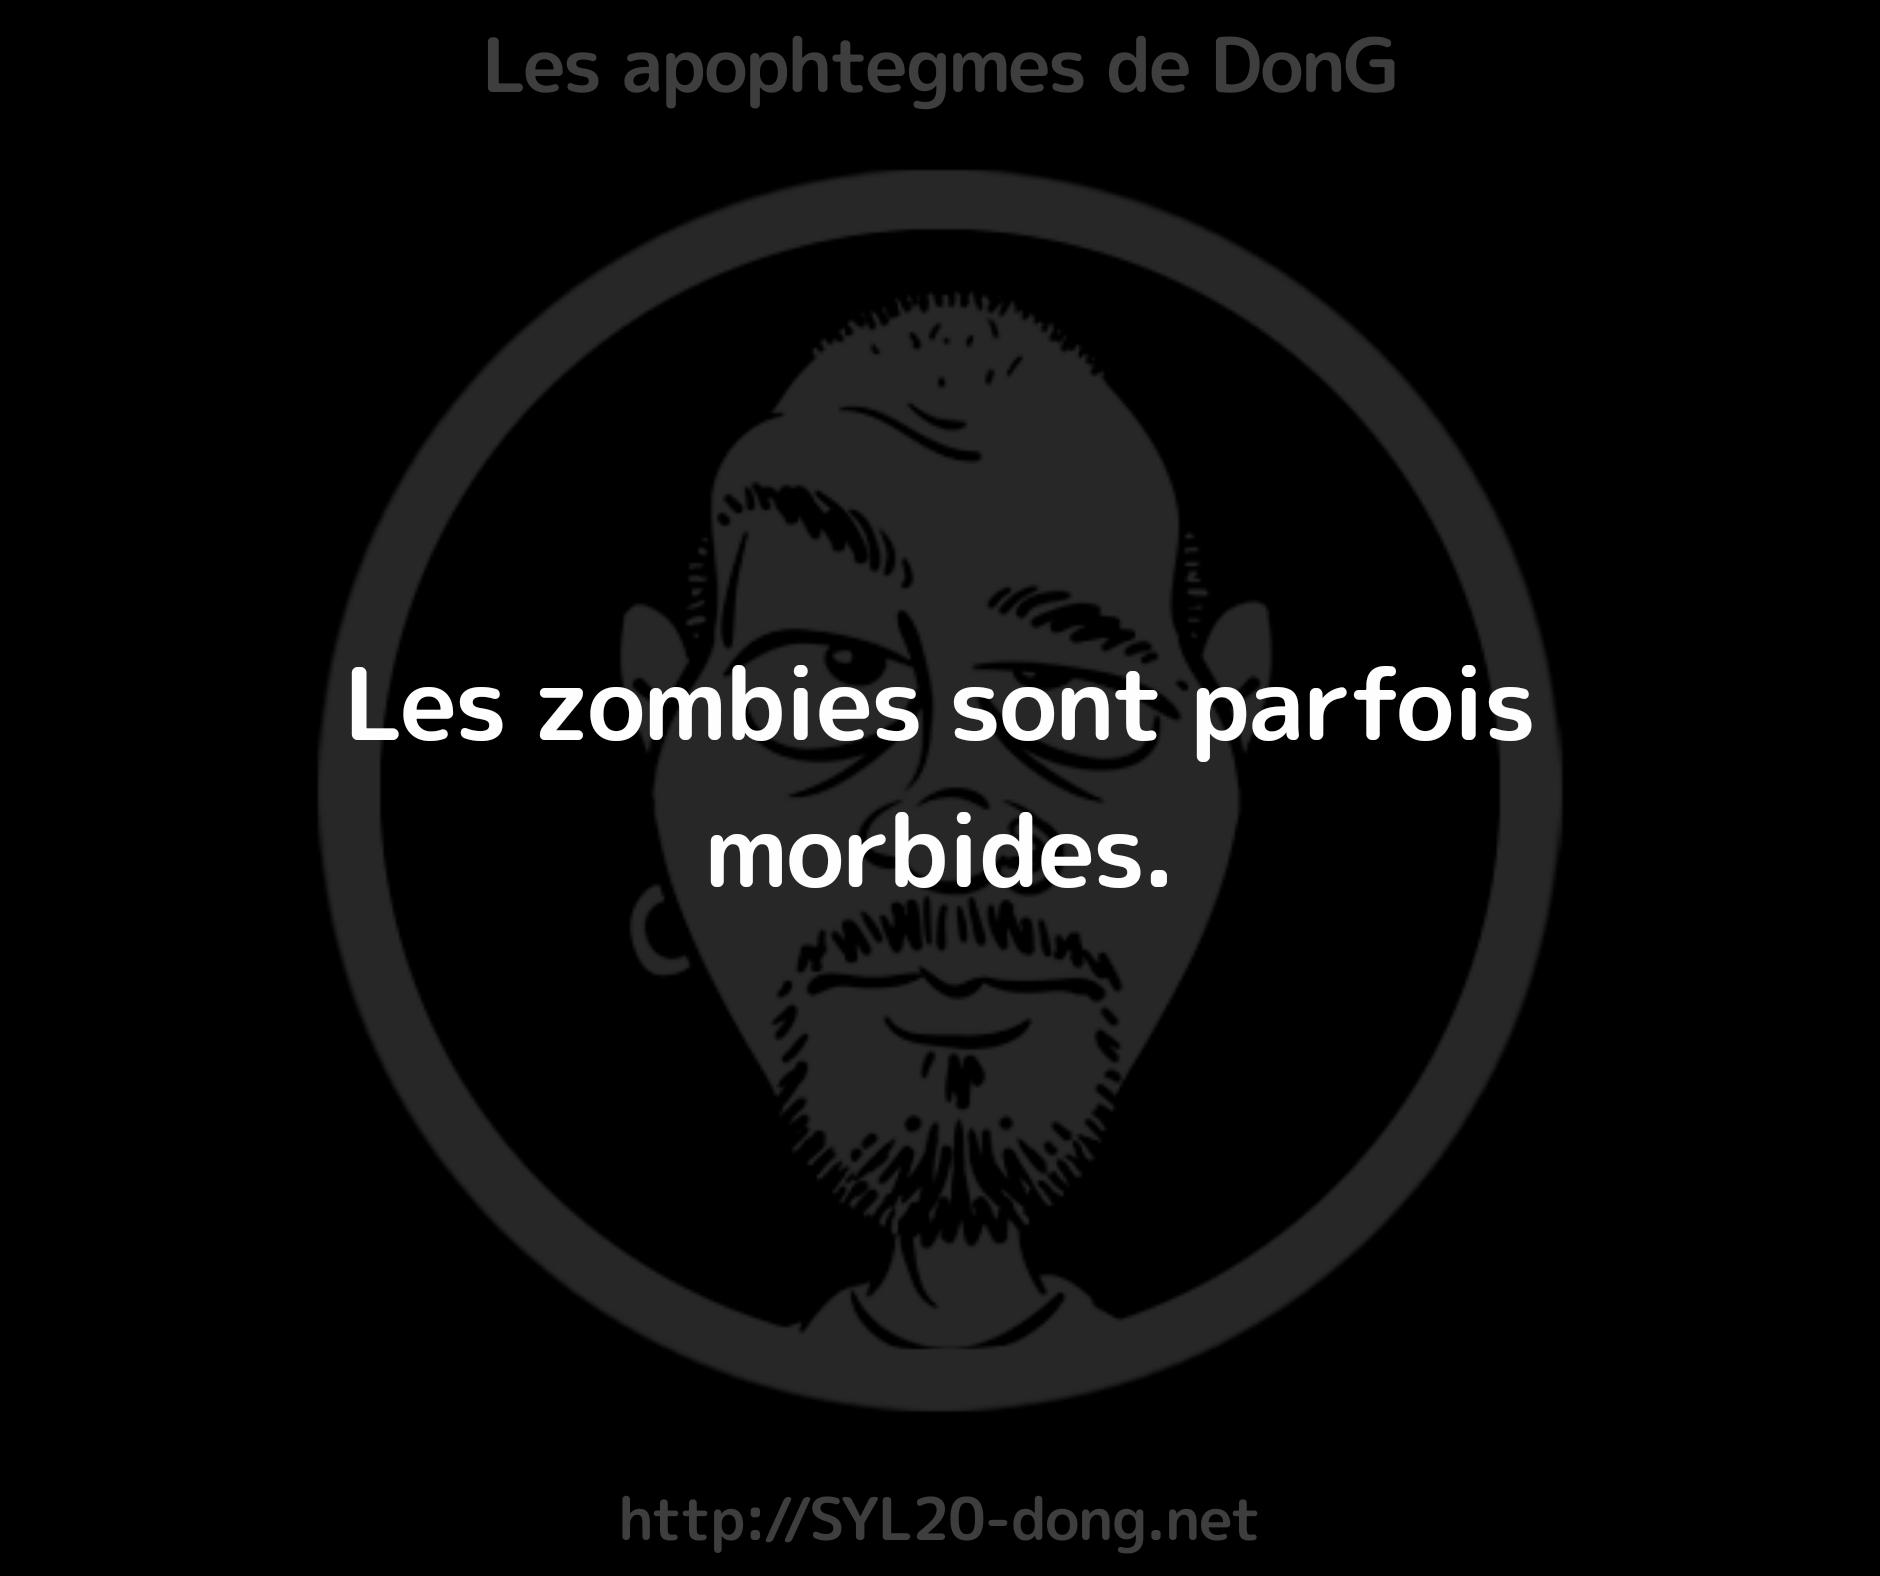 Les zombies sont parfois morbides.